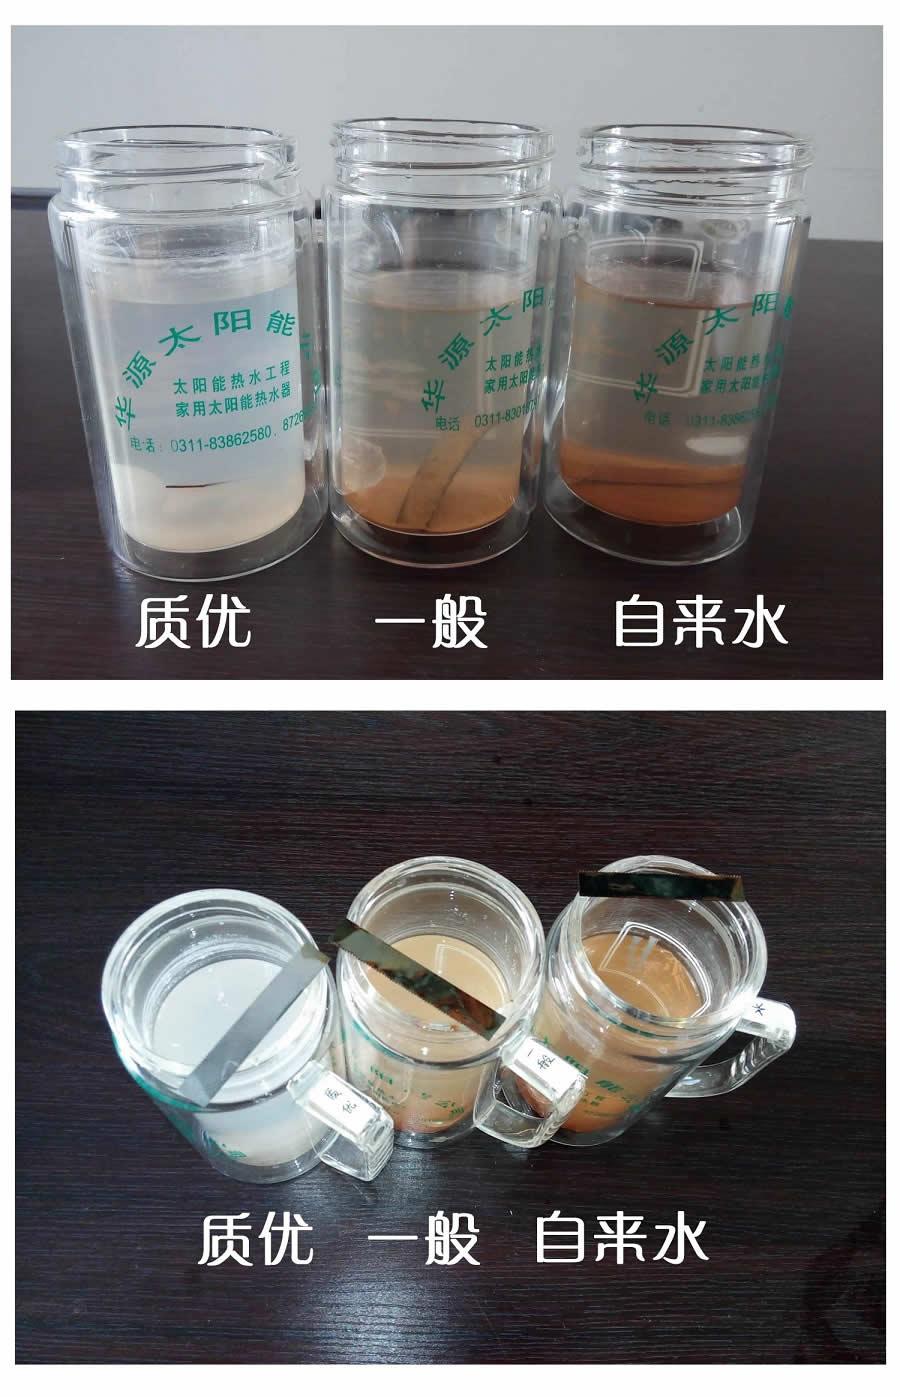 华源热水工程硅磷晶试验